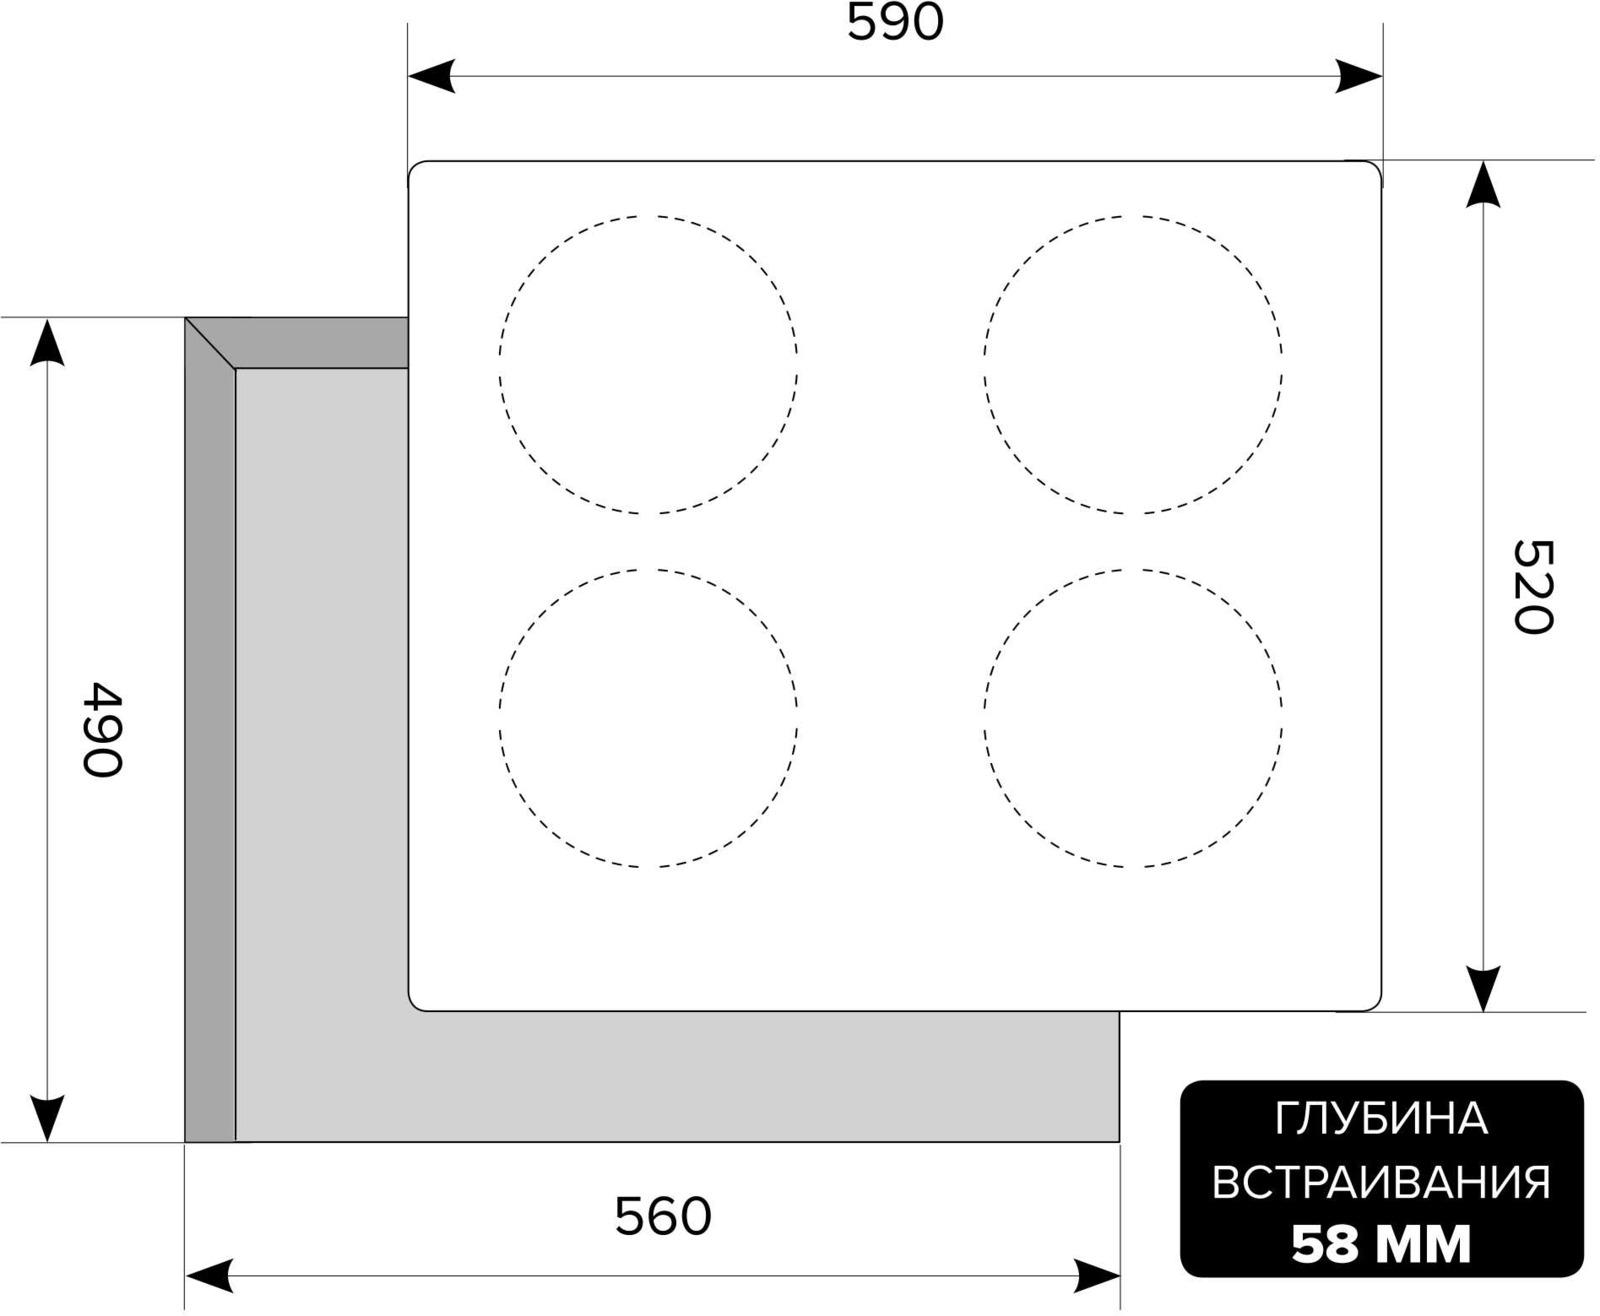 Индукционная варочная поверхность Lex EVI 640 F BL черный LEX